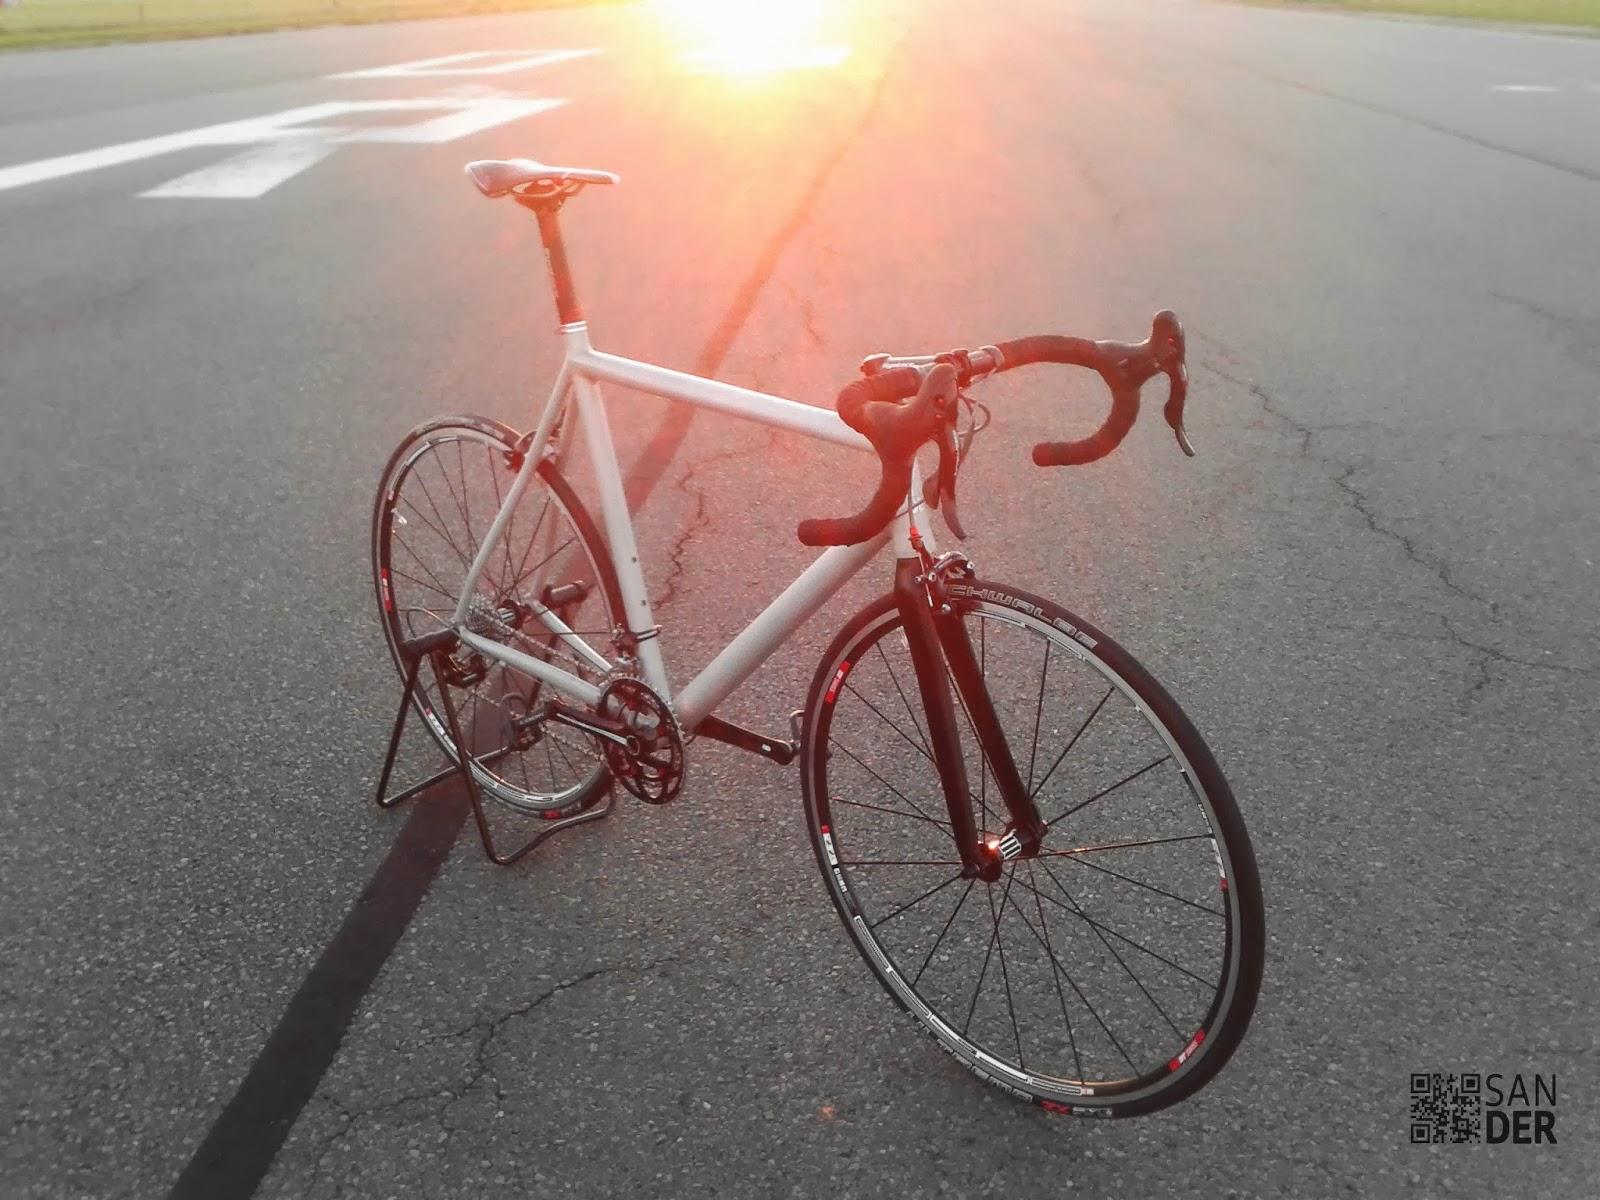 Sander Katapult Ultarlight Rennrad / Speedbike